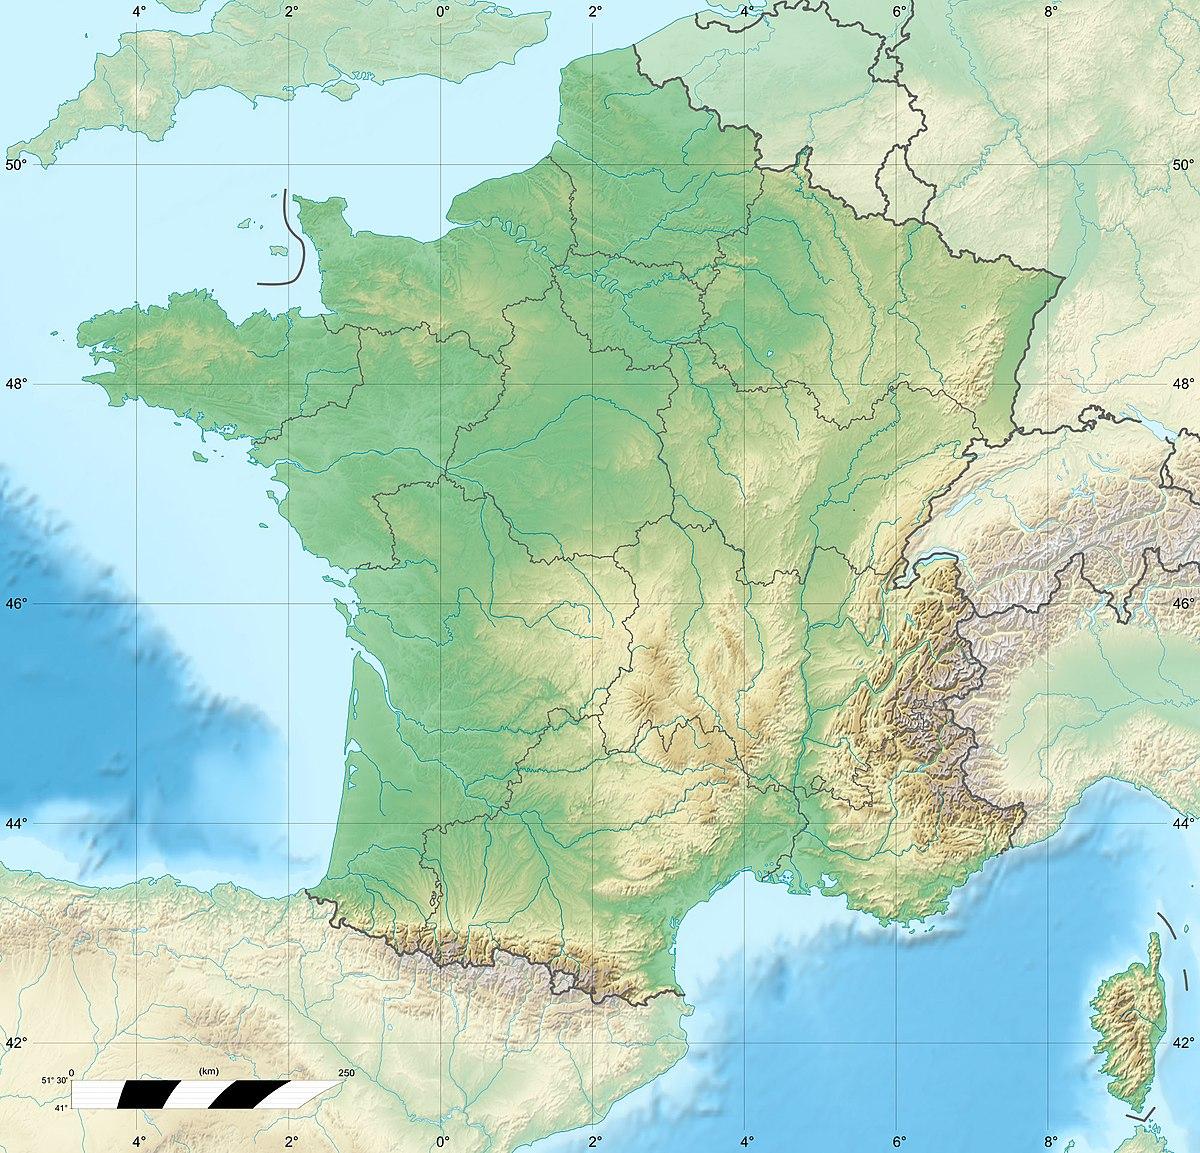 Fichier:france Relief Location Map — Wikipédia tout Voir La Carte De France